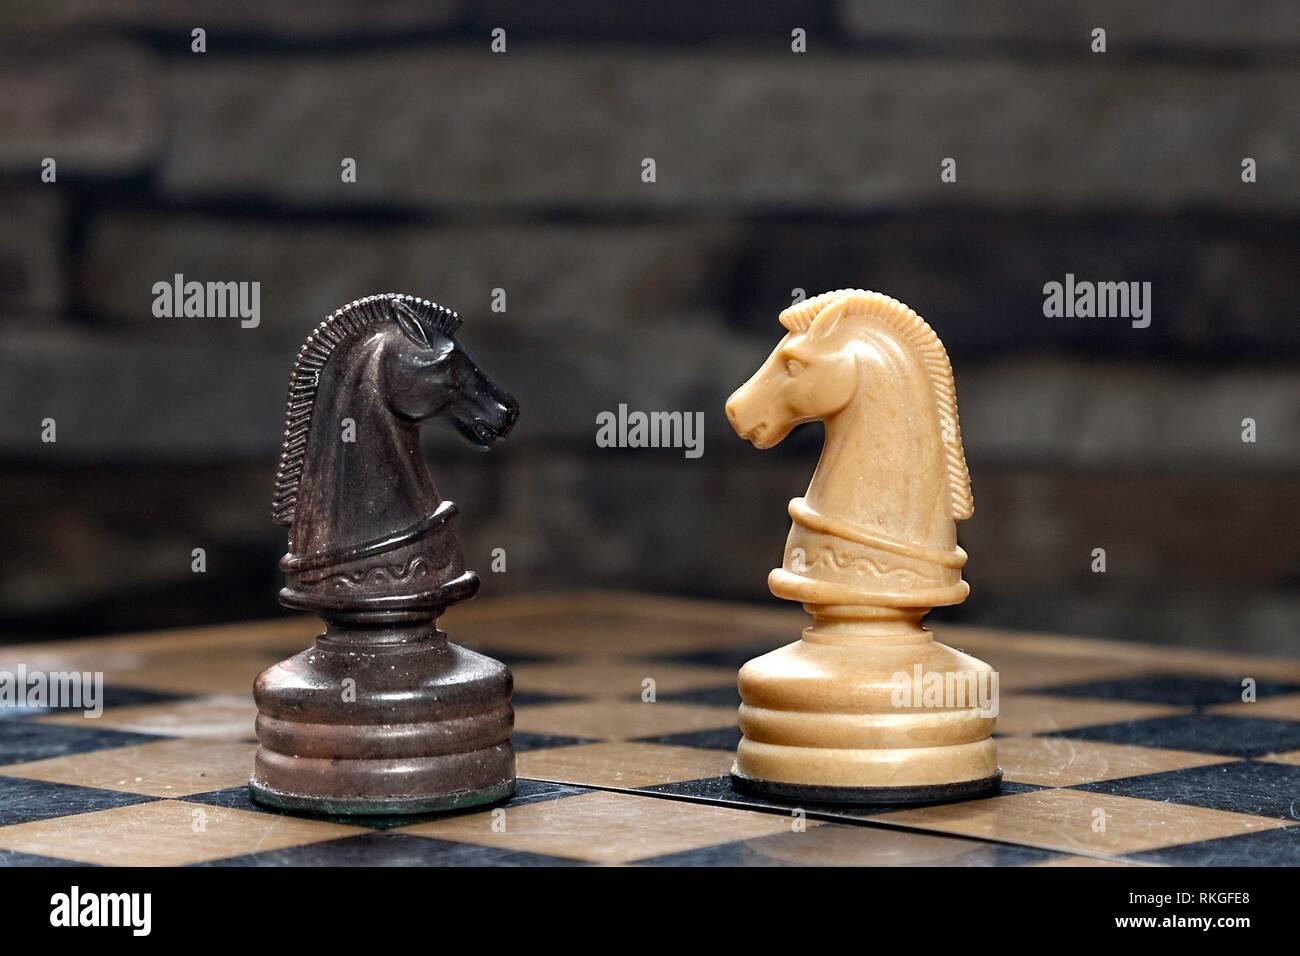 Pferde mit Schach Schachbrett mit Stein konfrontiert. Stockfoto